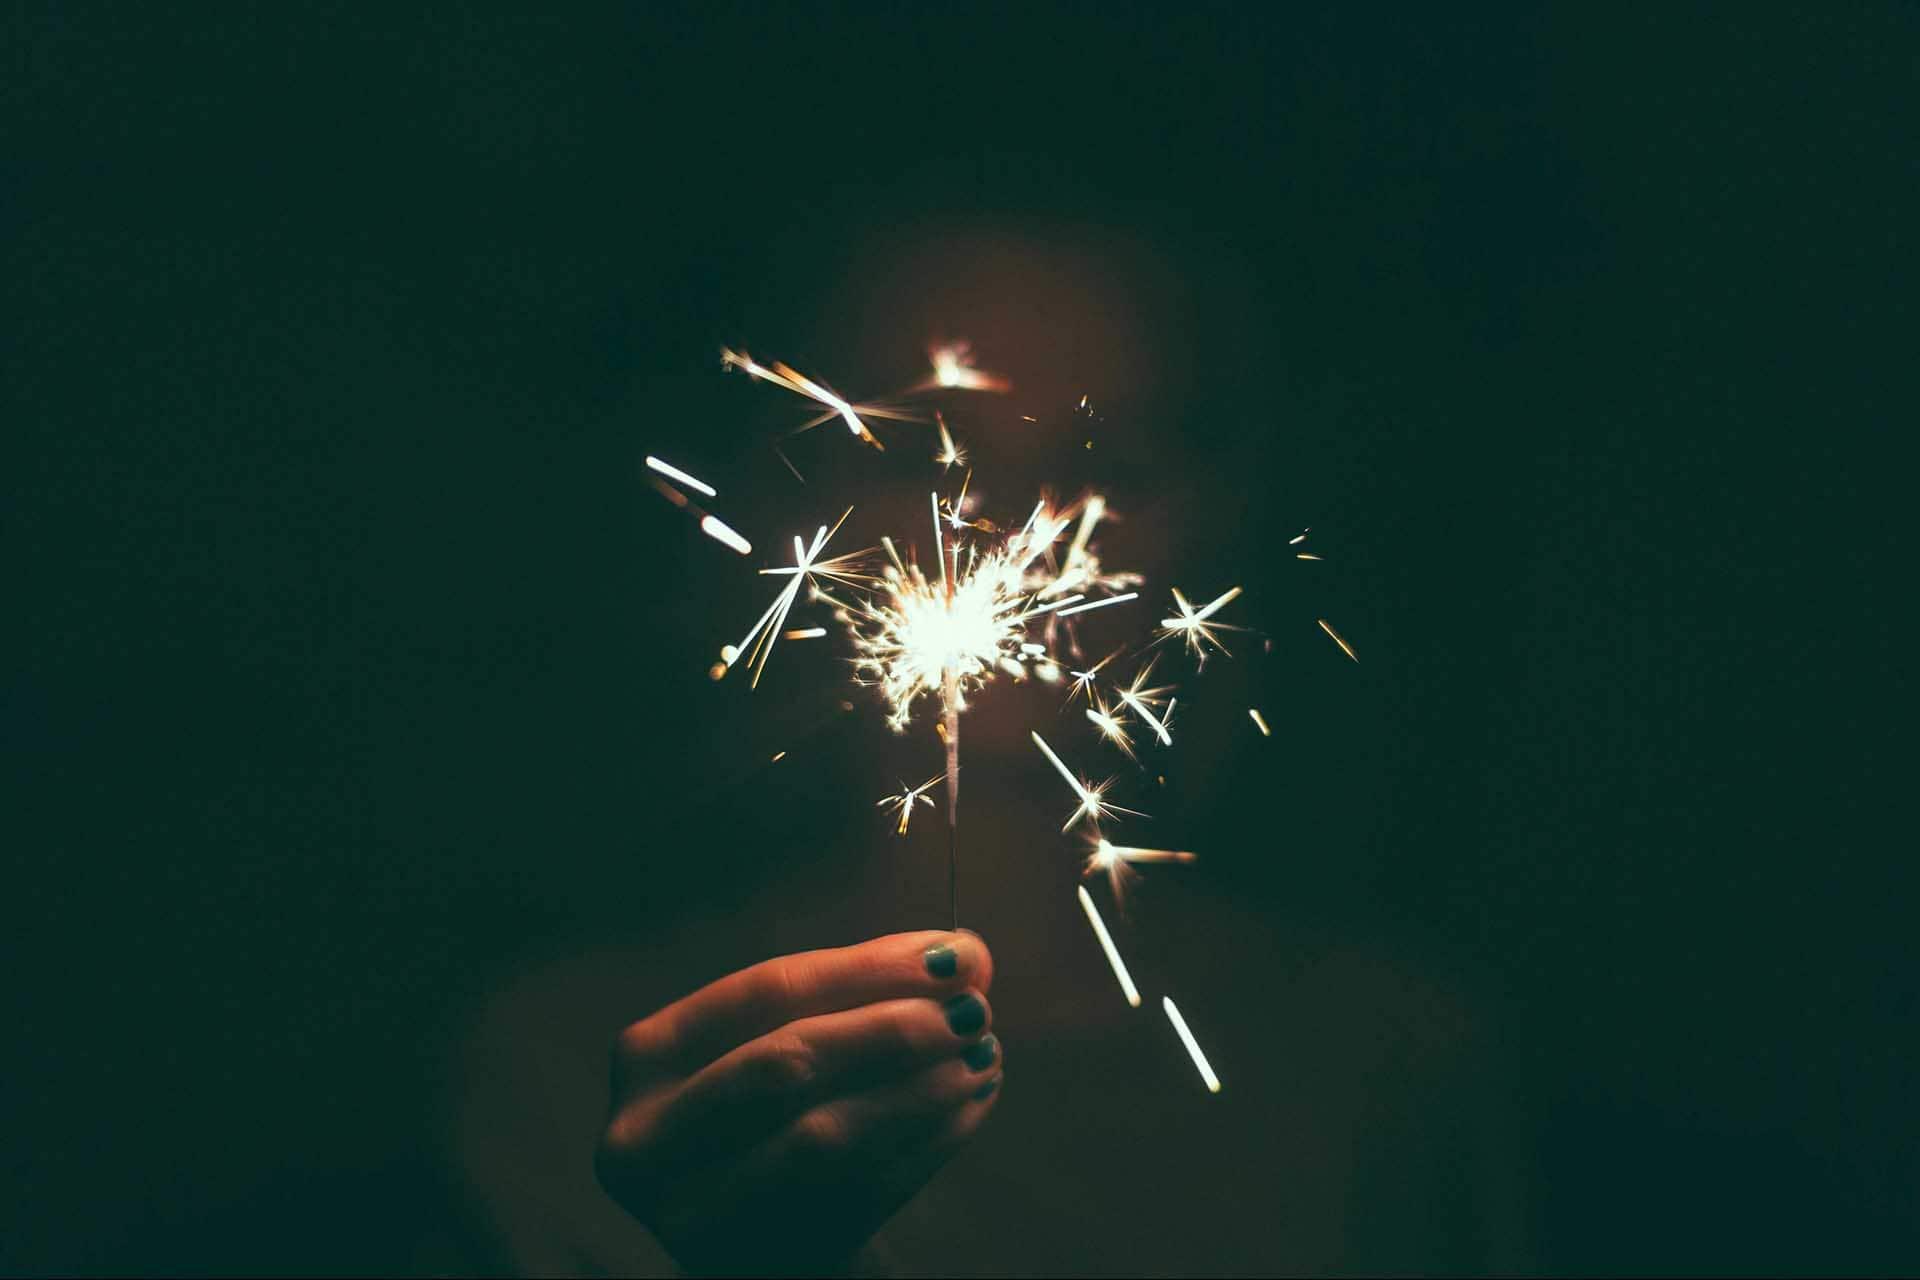 t2informatik Blog: My Wish List to Scrum Master